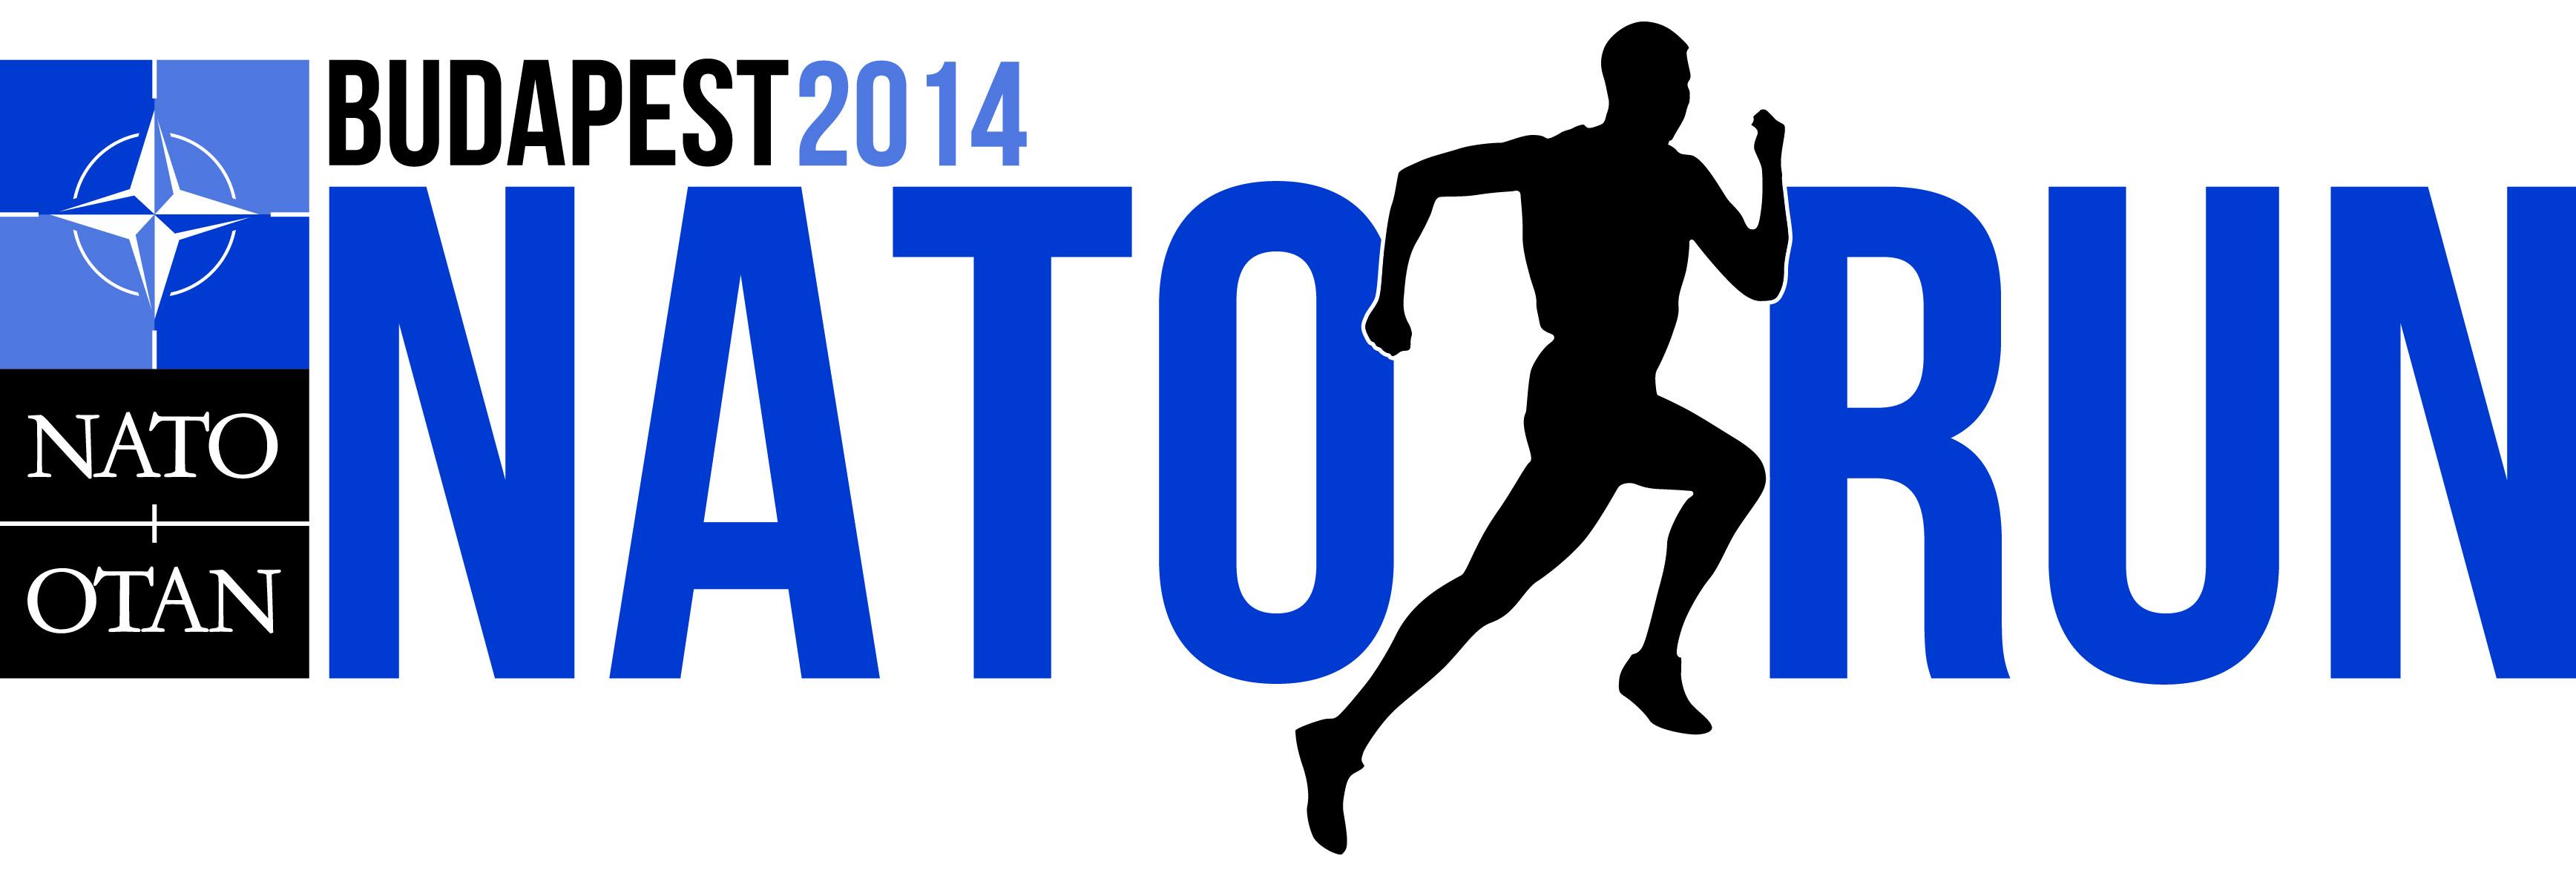 NATO_fut__s_logo_2014.jpg